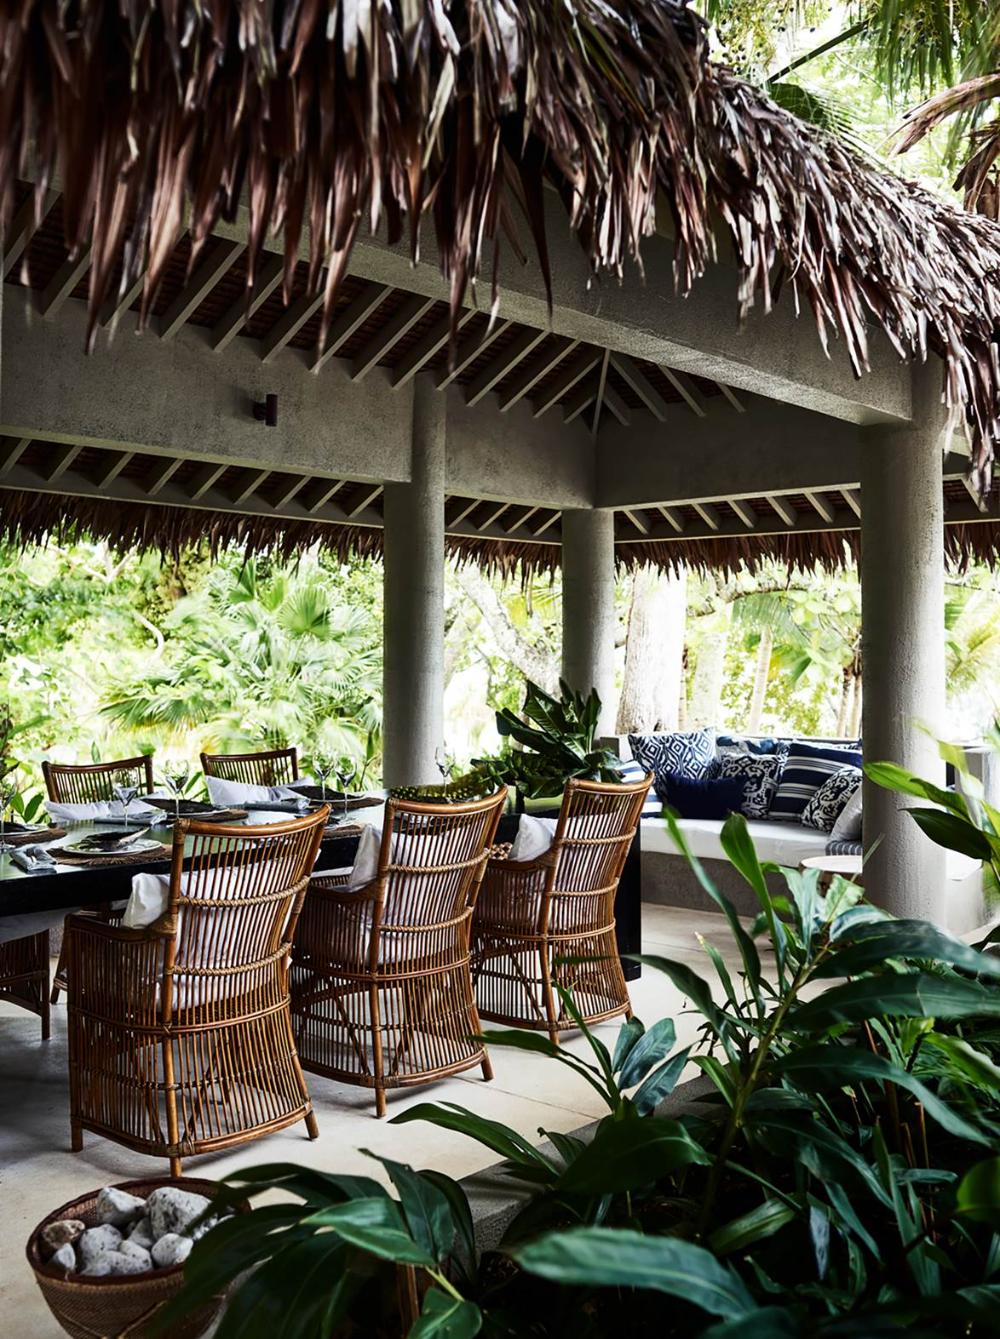 indoor-outdoor living spaces